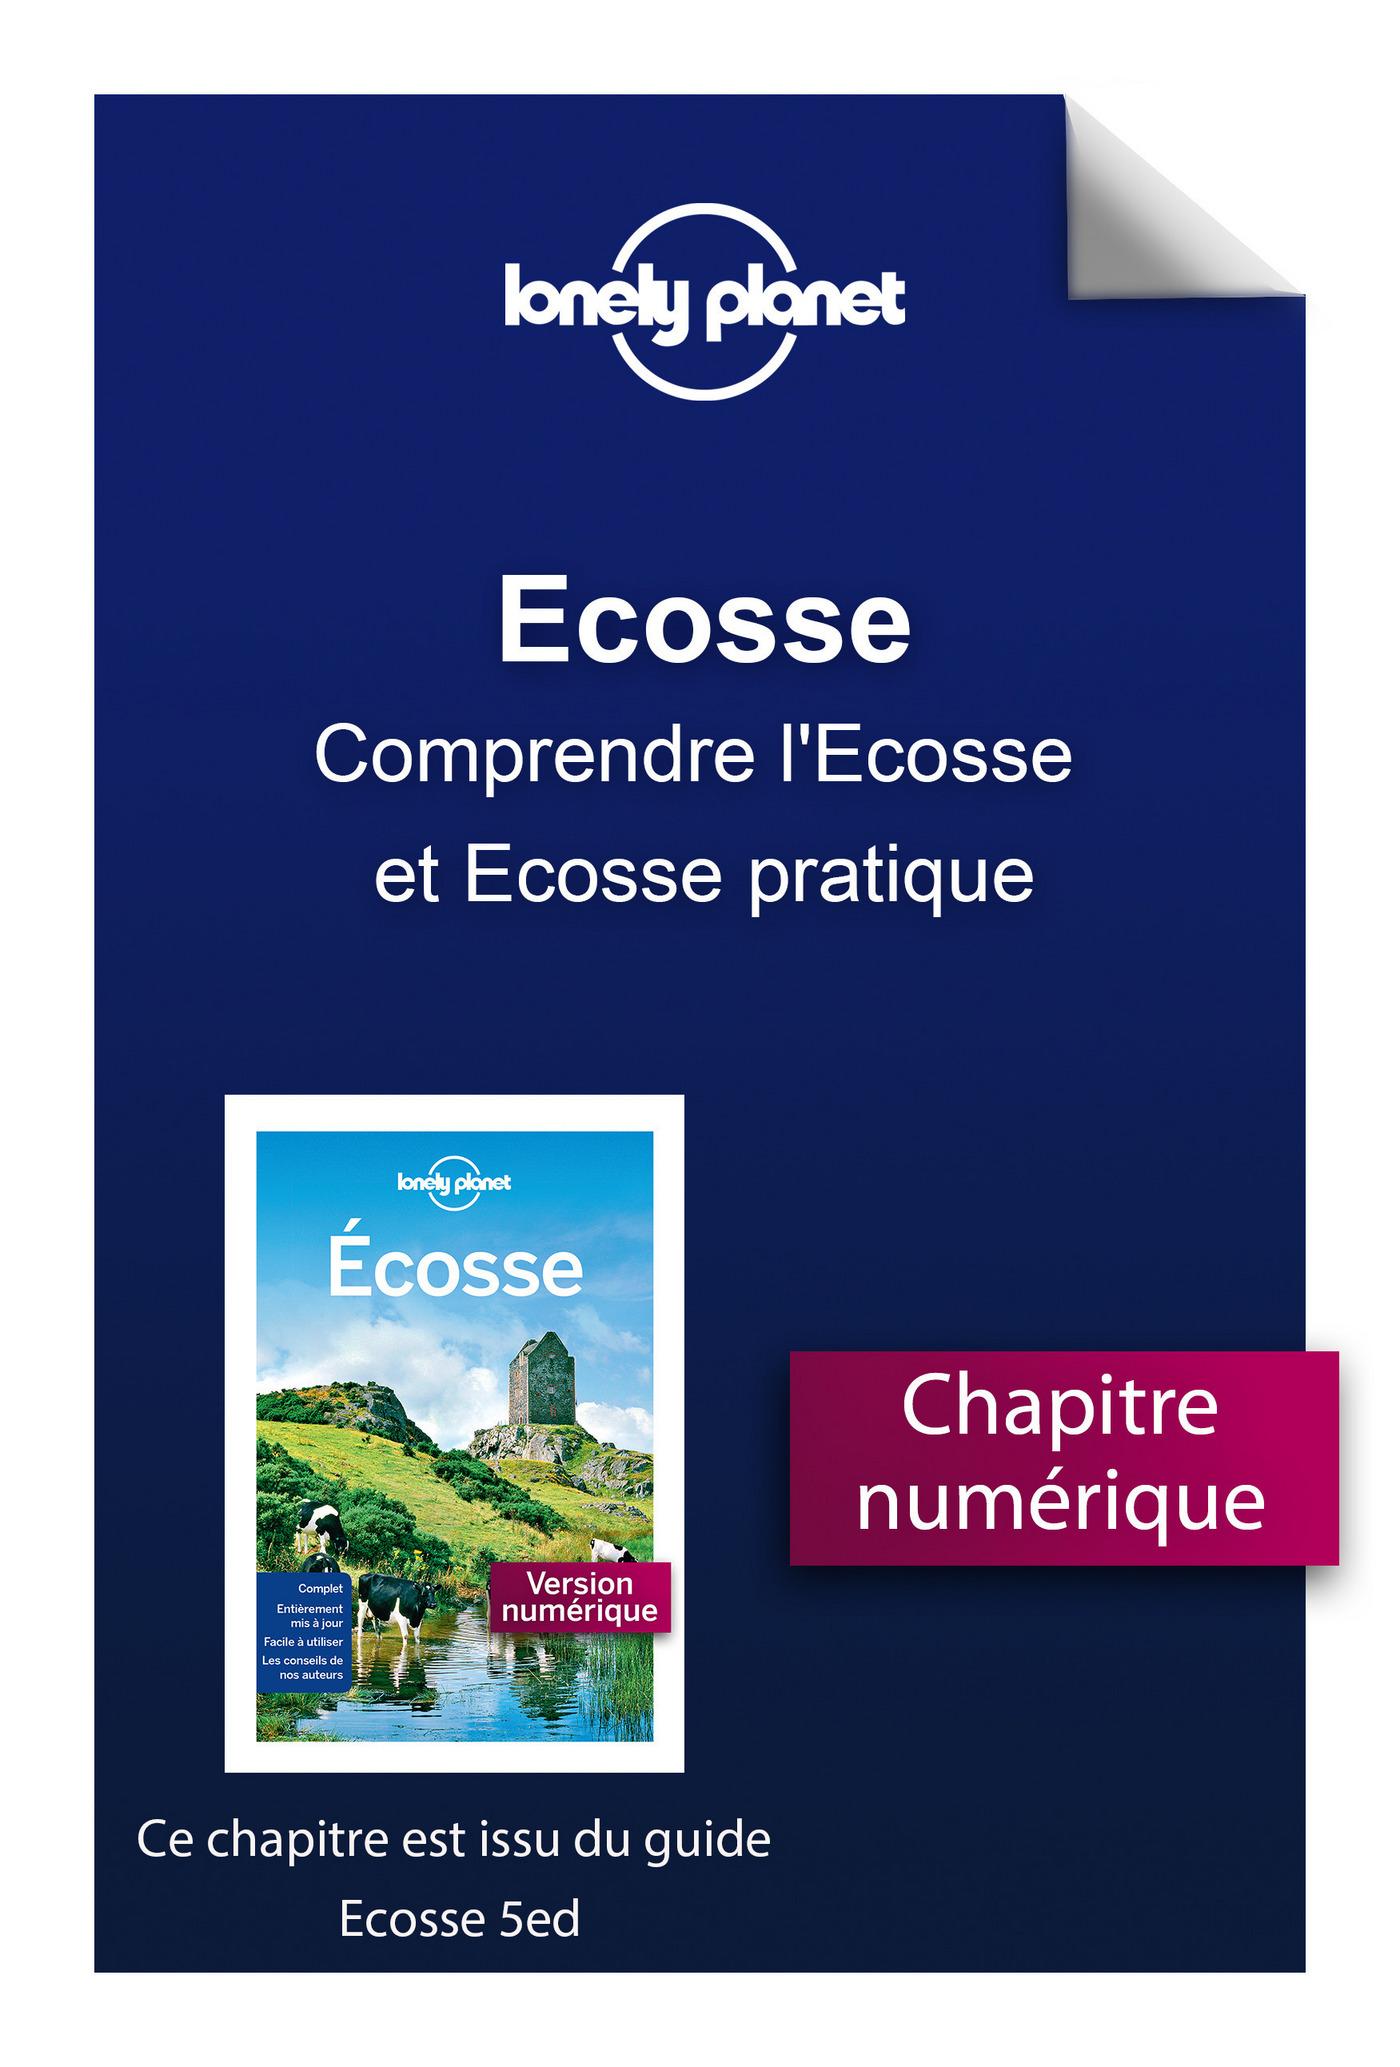 Ecosse 5 - Comprendre l'Ecosse et Ecosse pratique